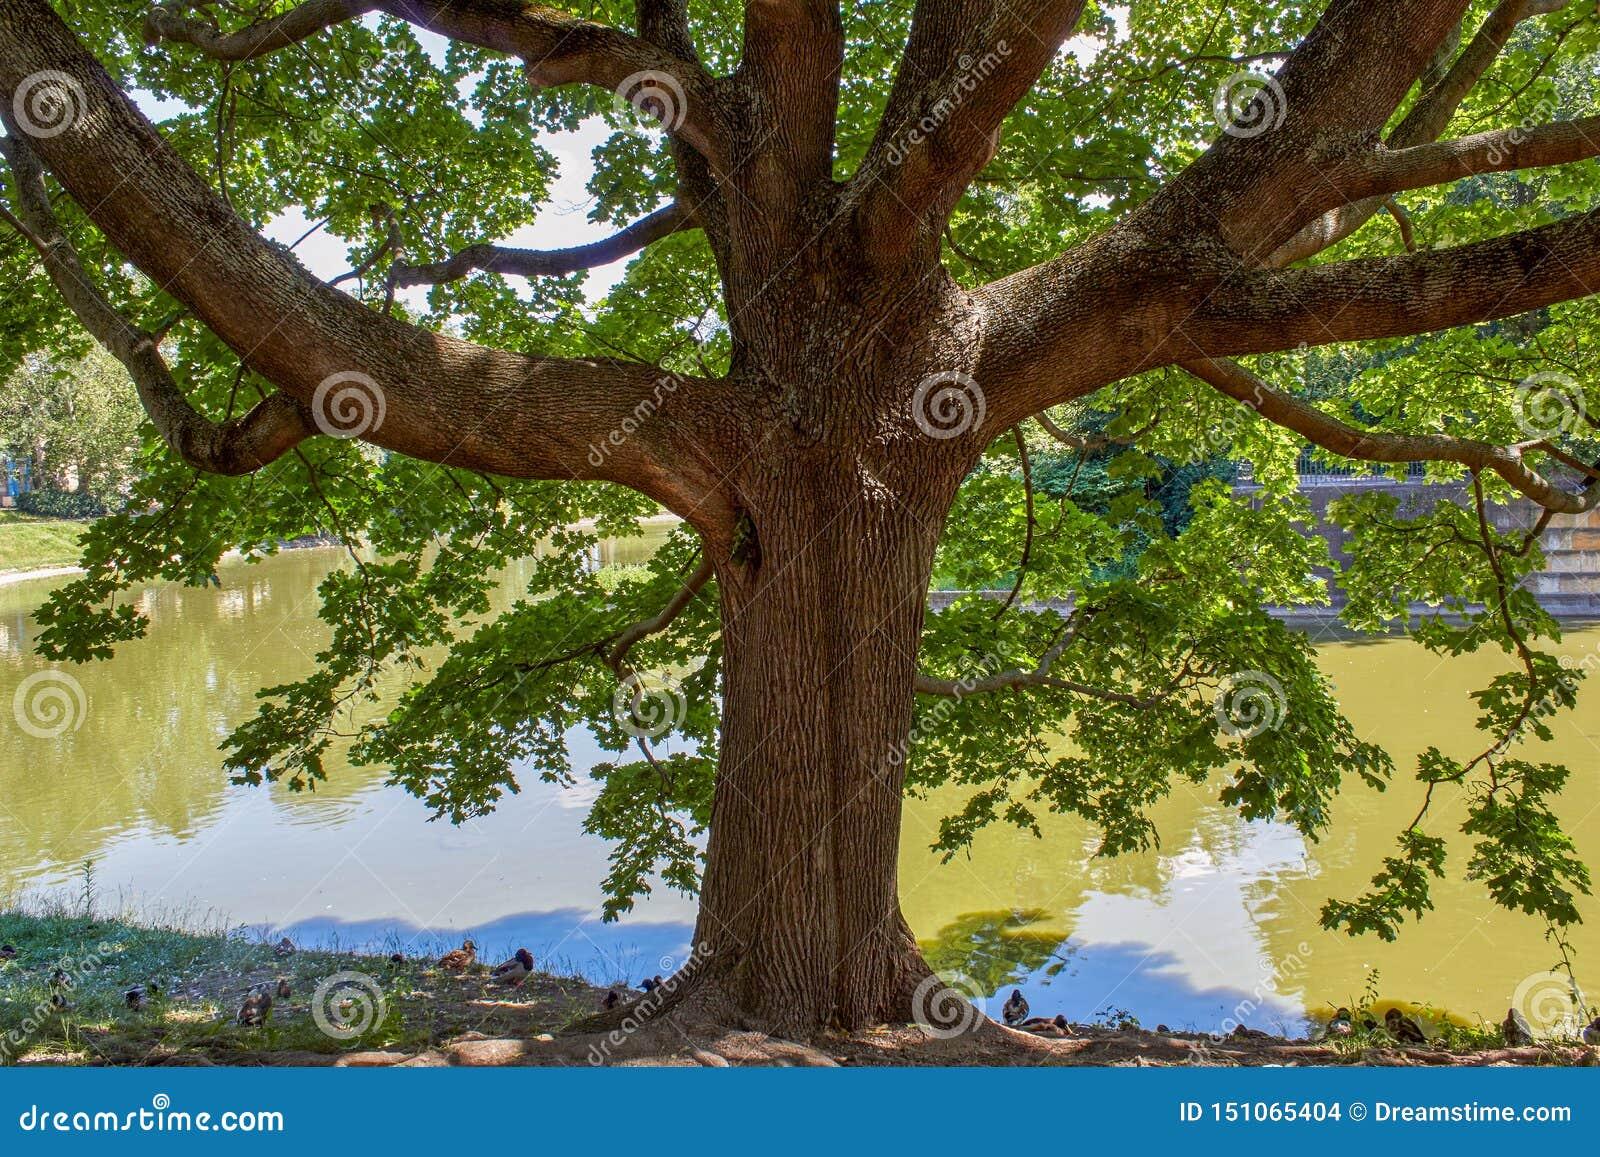 Baum am See mit Enten